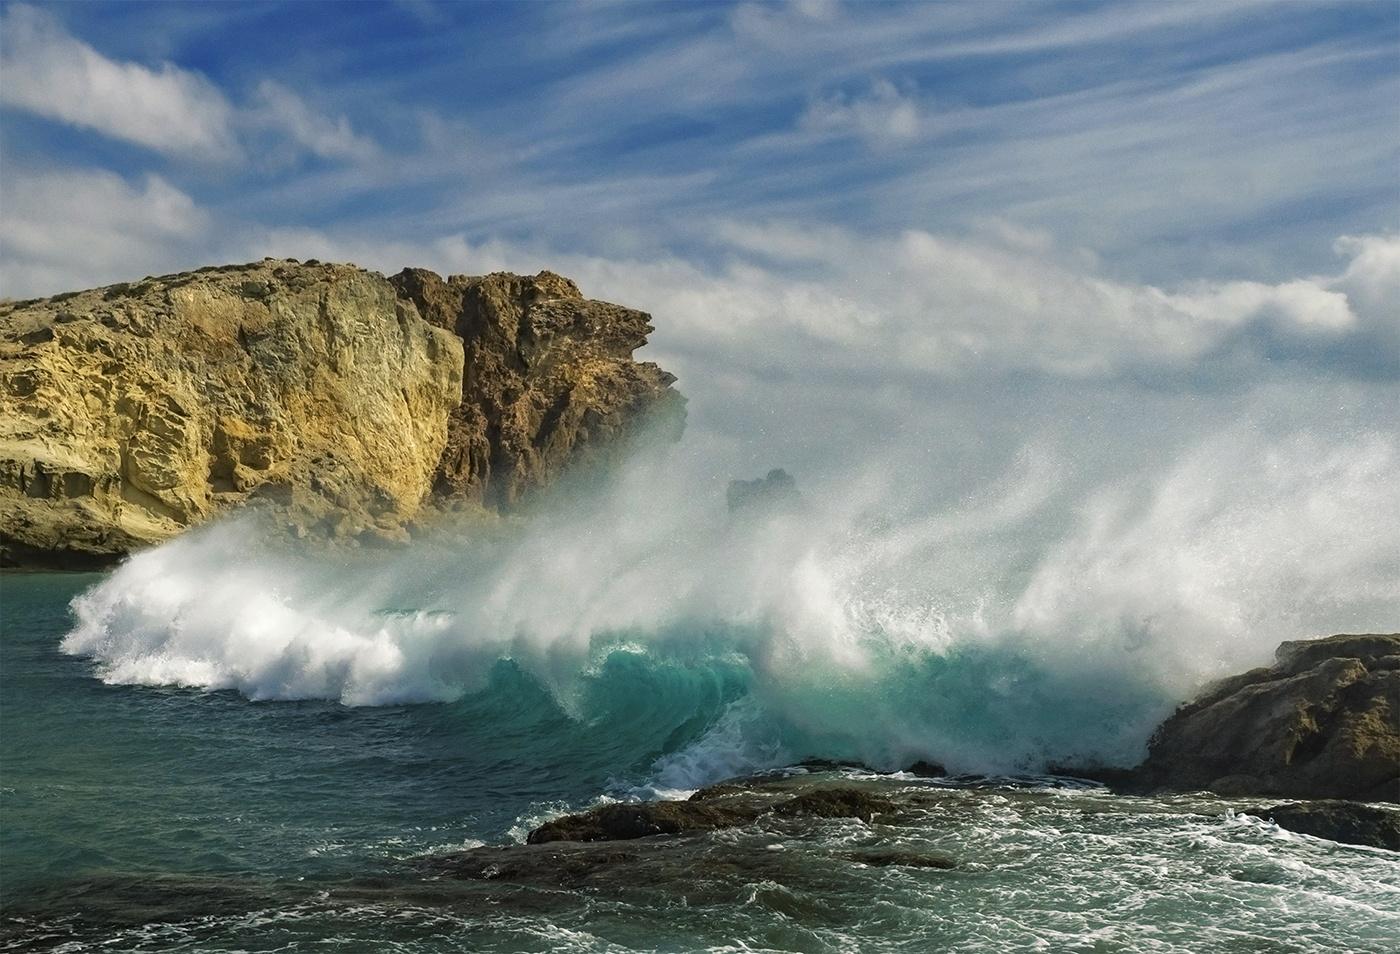 Cabo de Gata - Mediterranean light - Peter Manschot Al Andalus Photo Tour, Landscape photography photos prints workshops Andalusia Spain